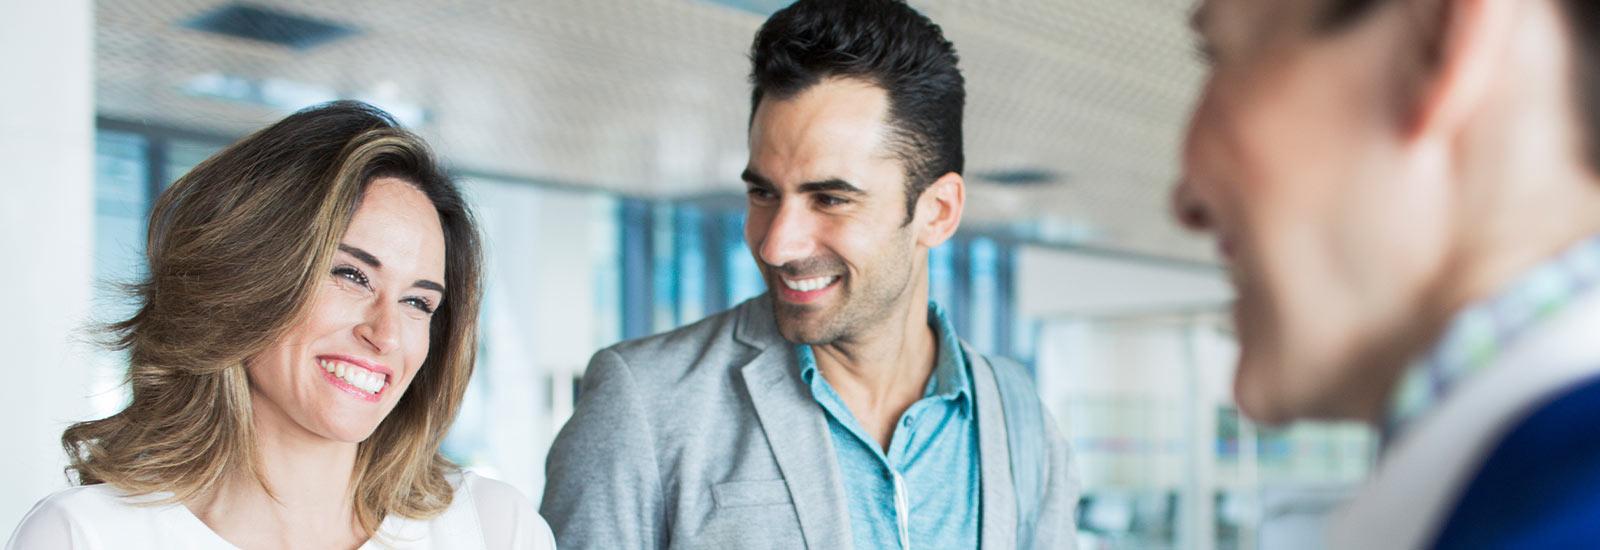 Umtausch von Weihnachtsgeschenken